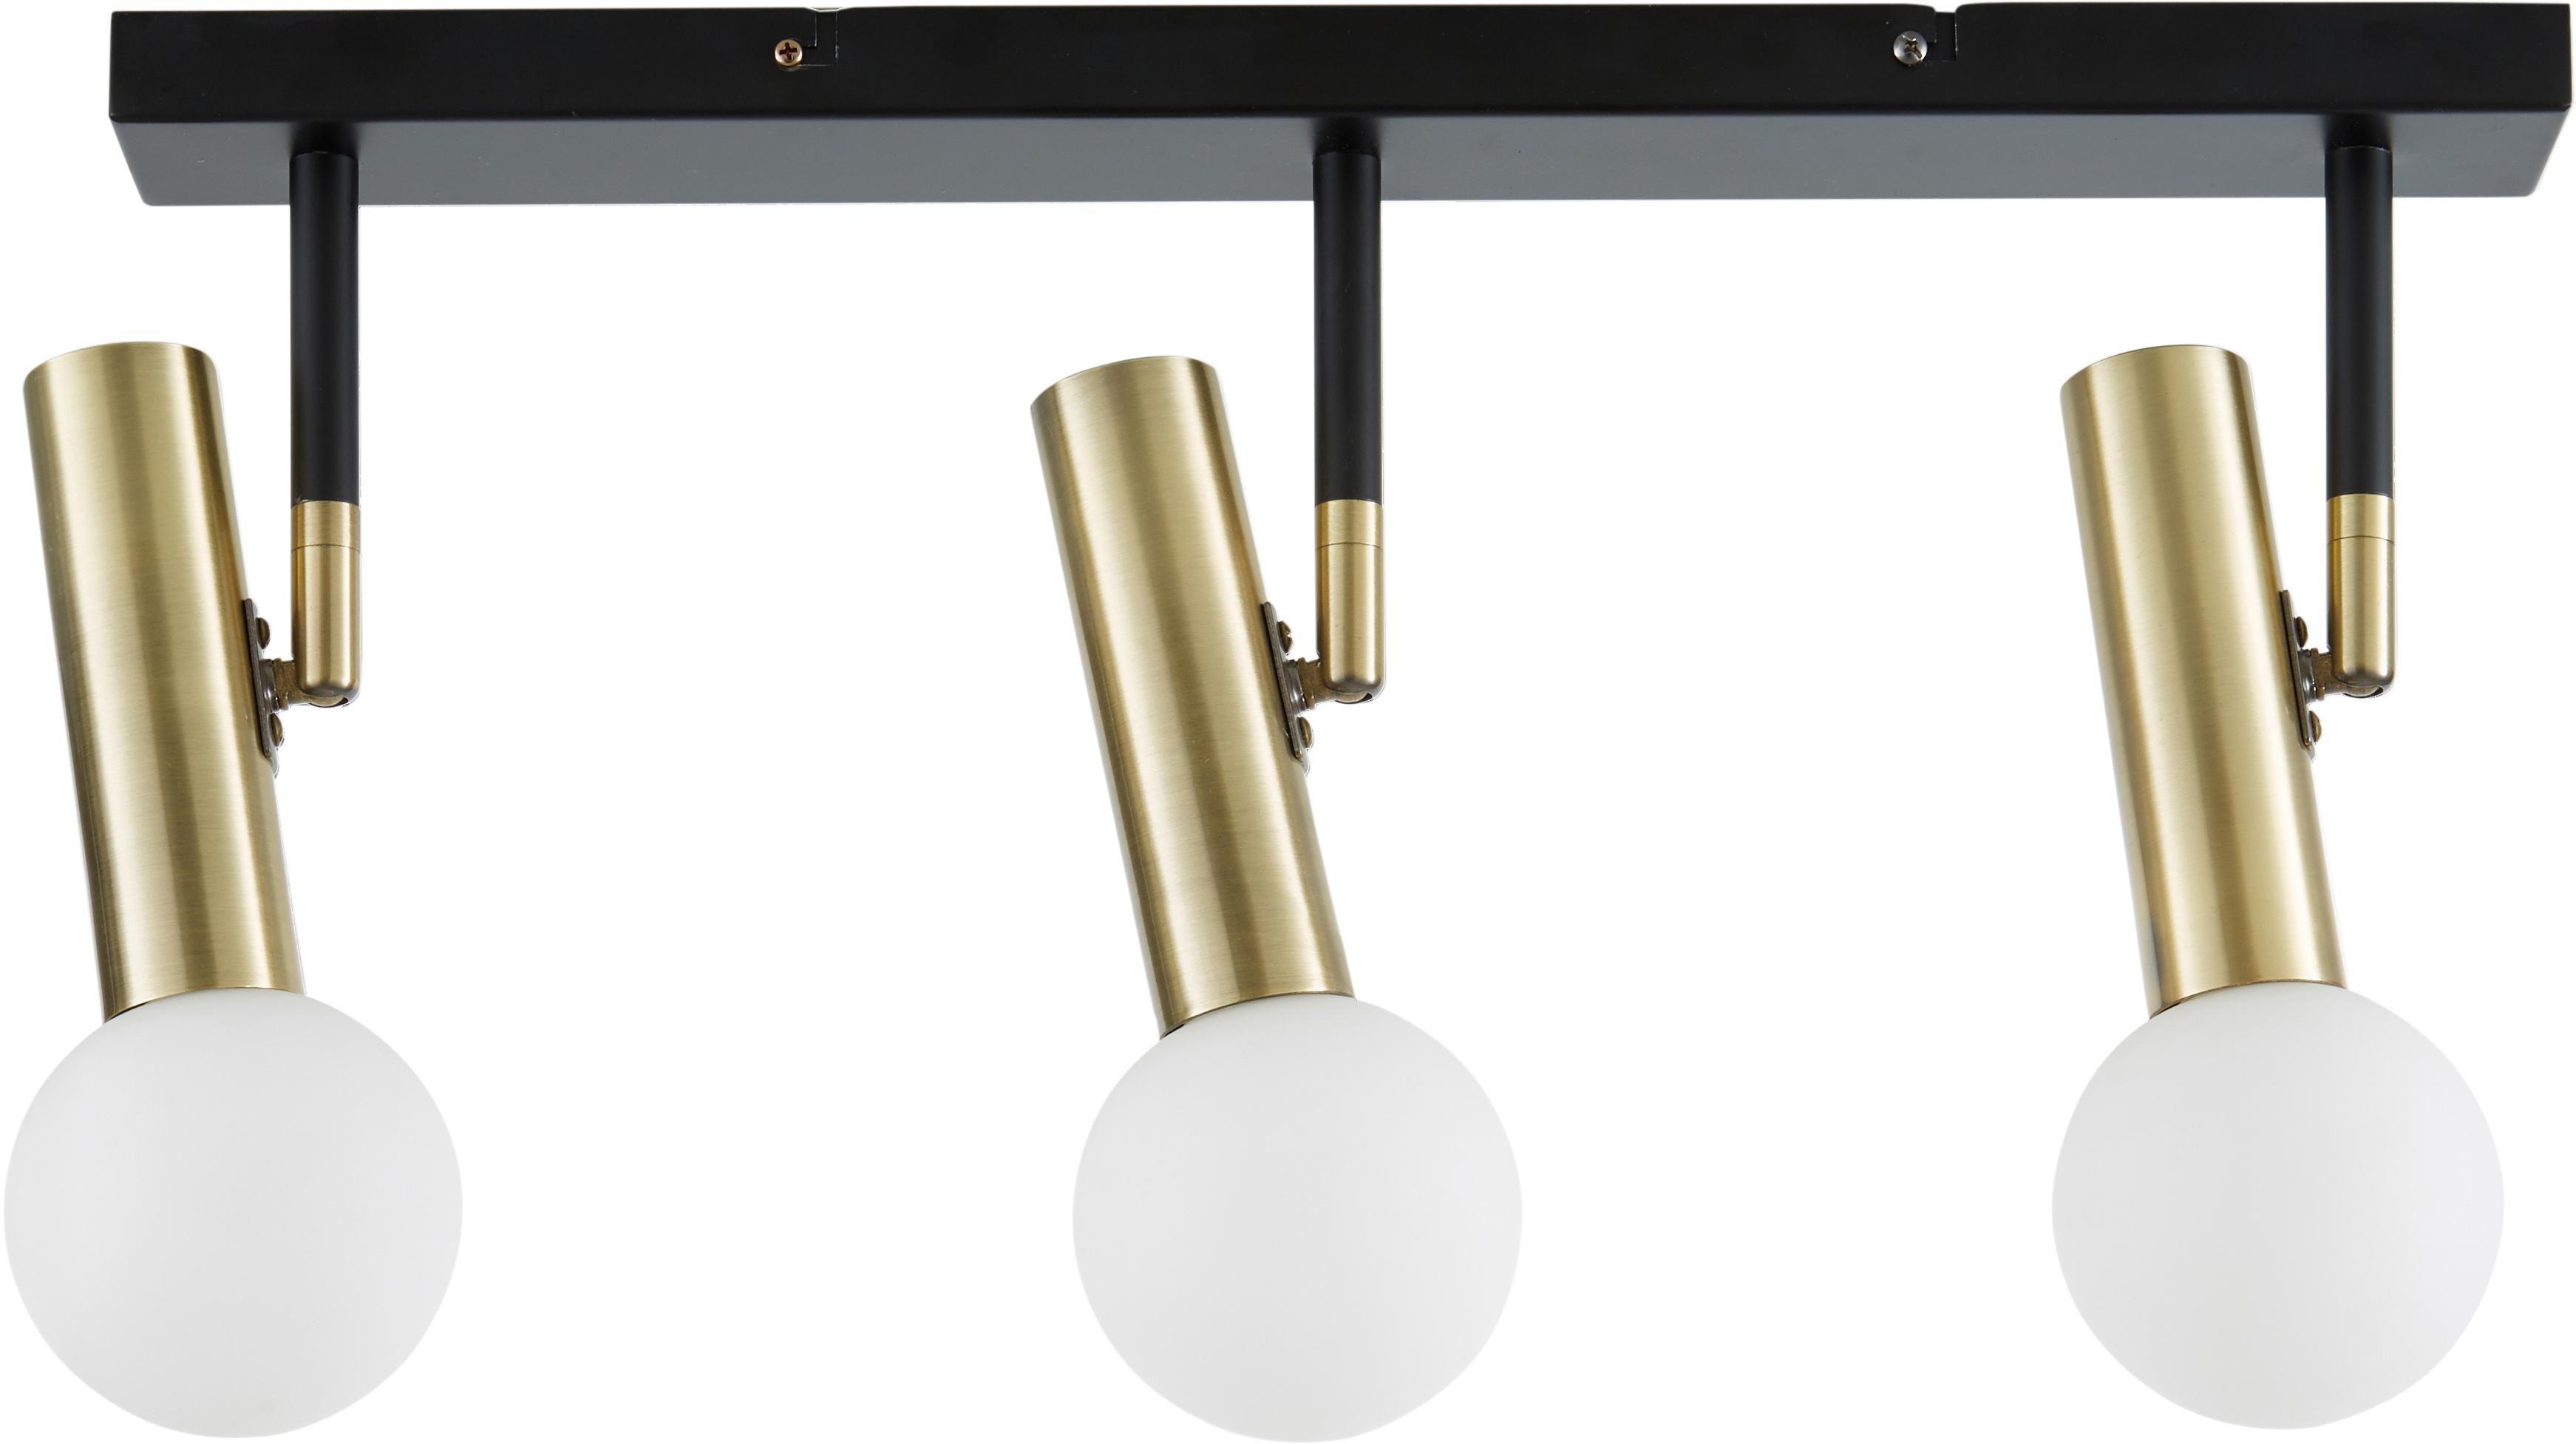 LED plafondlamp Wilson, Baldakijn: gepoedercoat metaal, Baldakijn: mat zwart. Fittingen: messingkleurig. Lampenkappen: wit, 65 x 31 cm